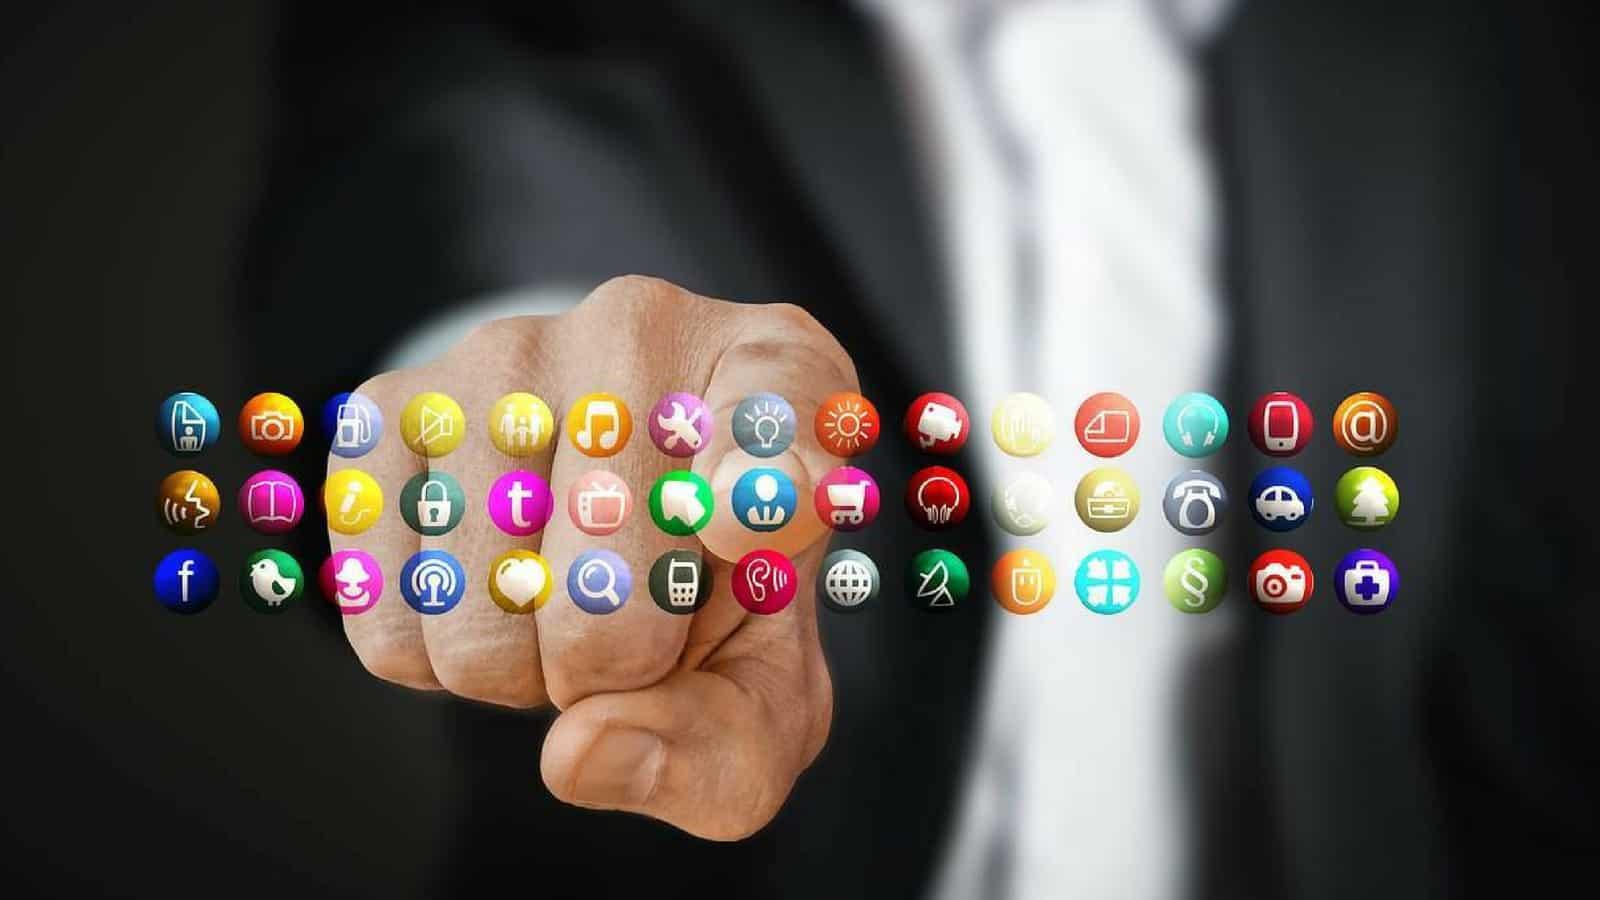 Darstellung verschiedener Apps als Hologramm mit Hand die auf eine der Apps zeigt